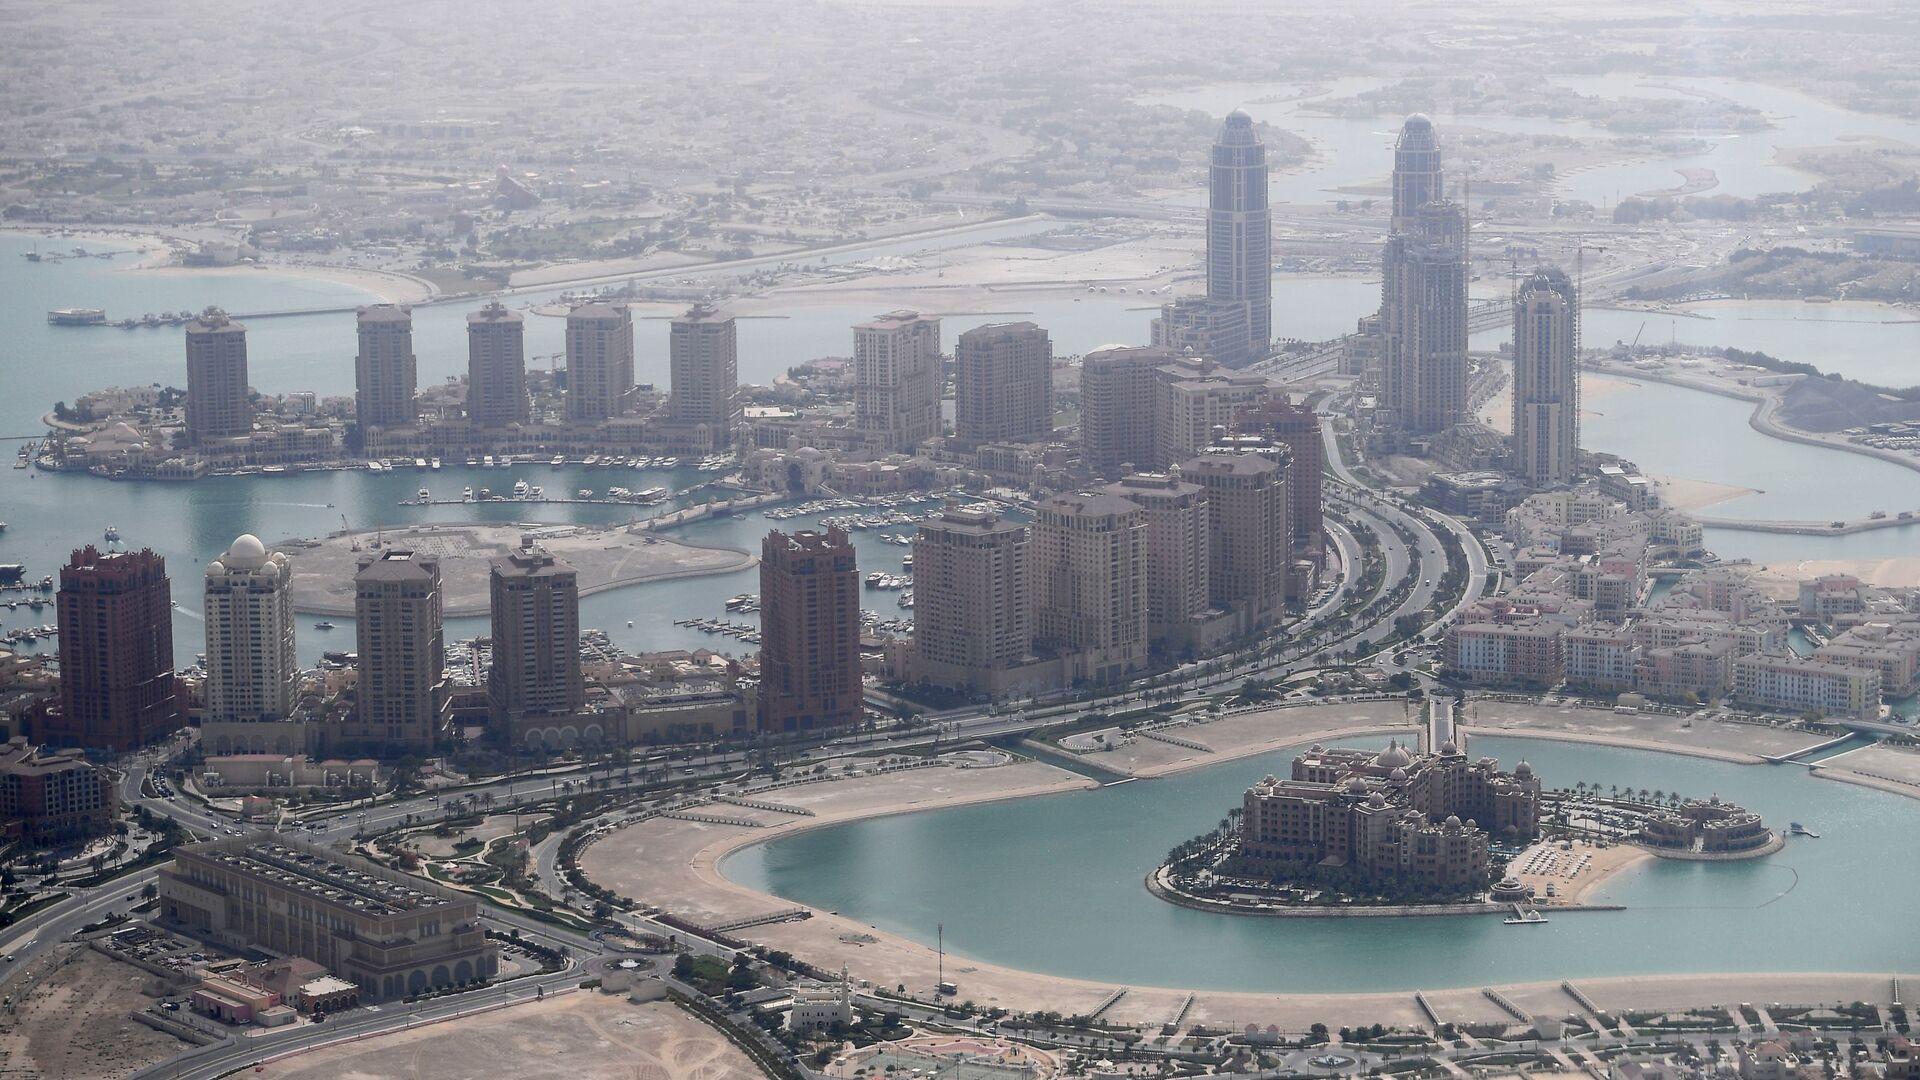 Wieżowce w Doha, Katar - Sputnik Polska, 1920, 03.10.2021